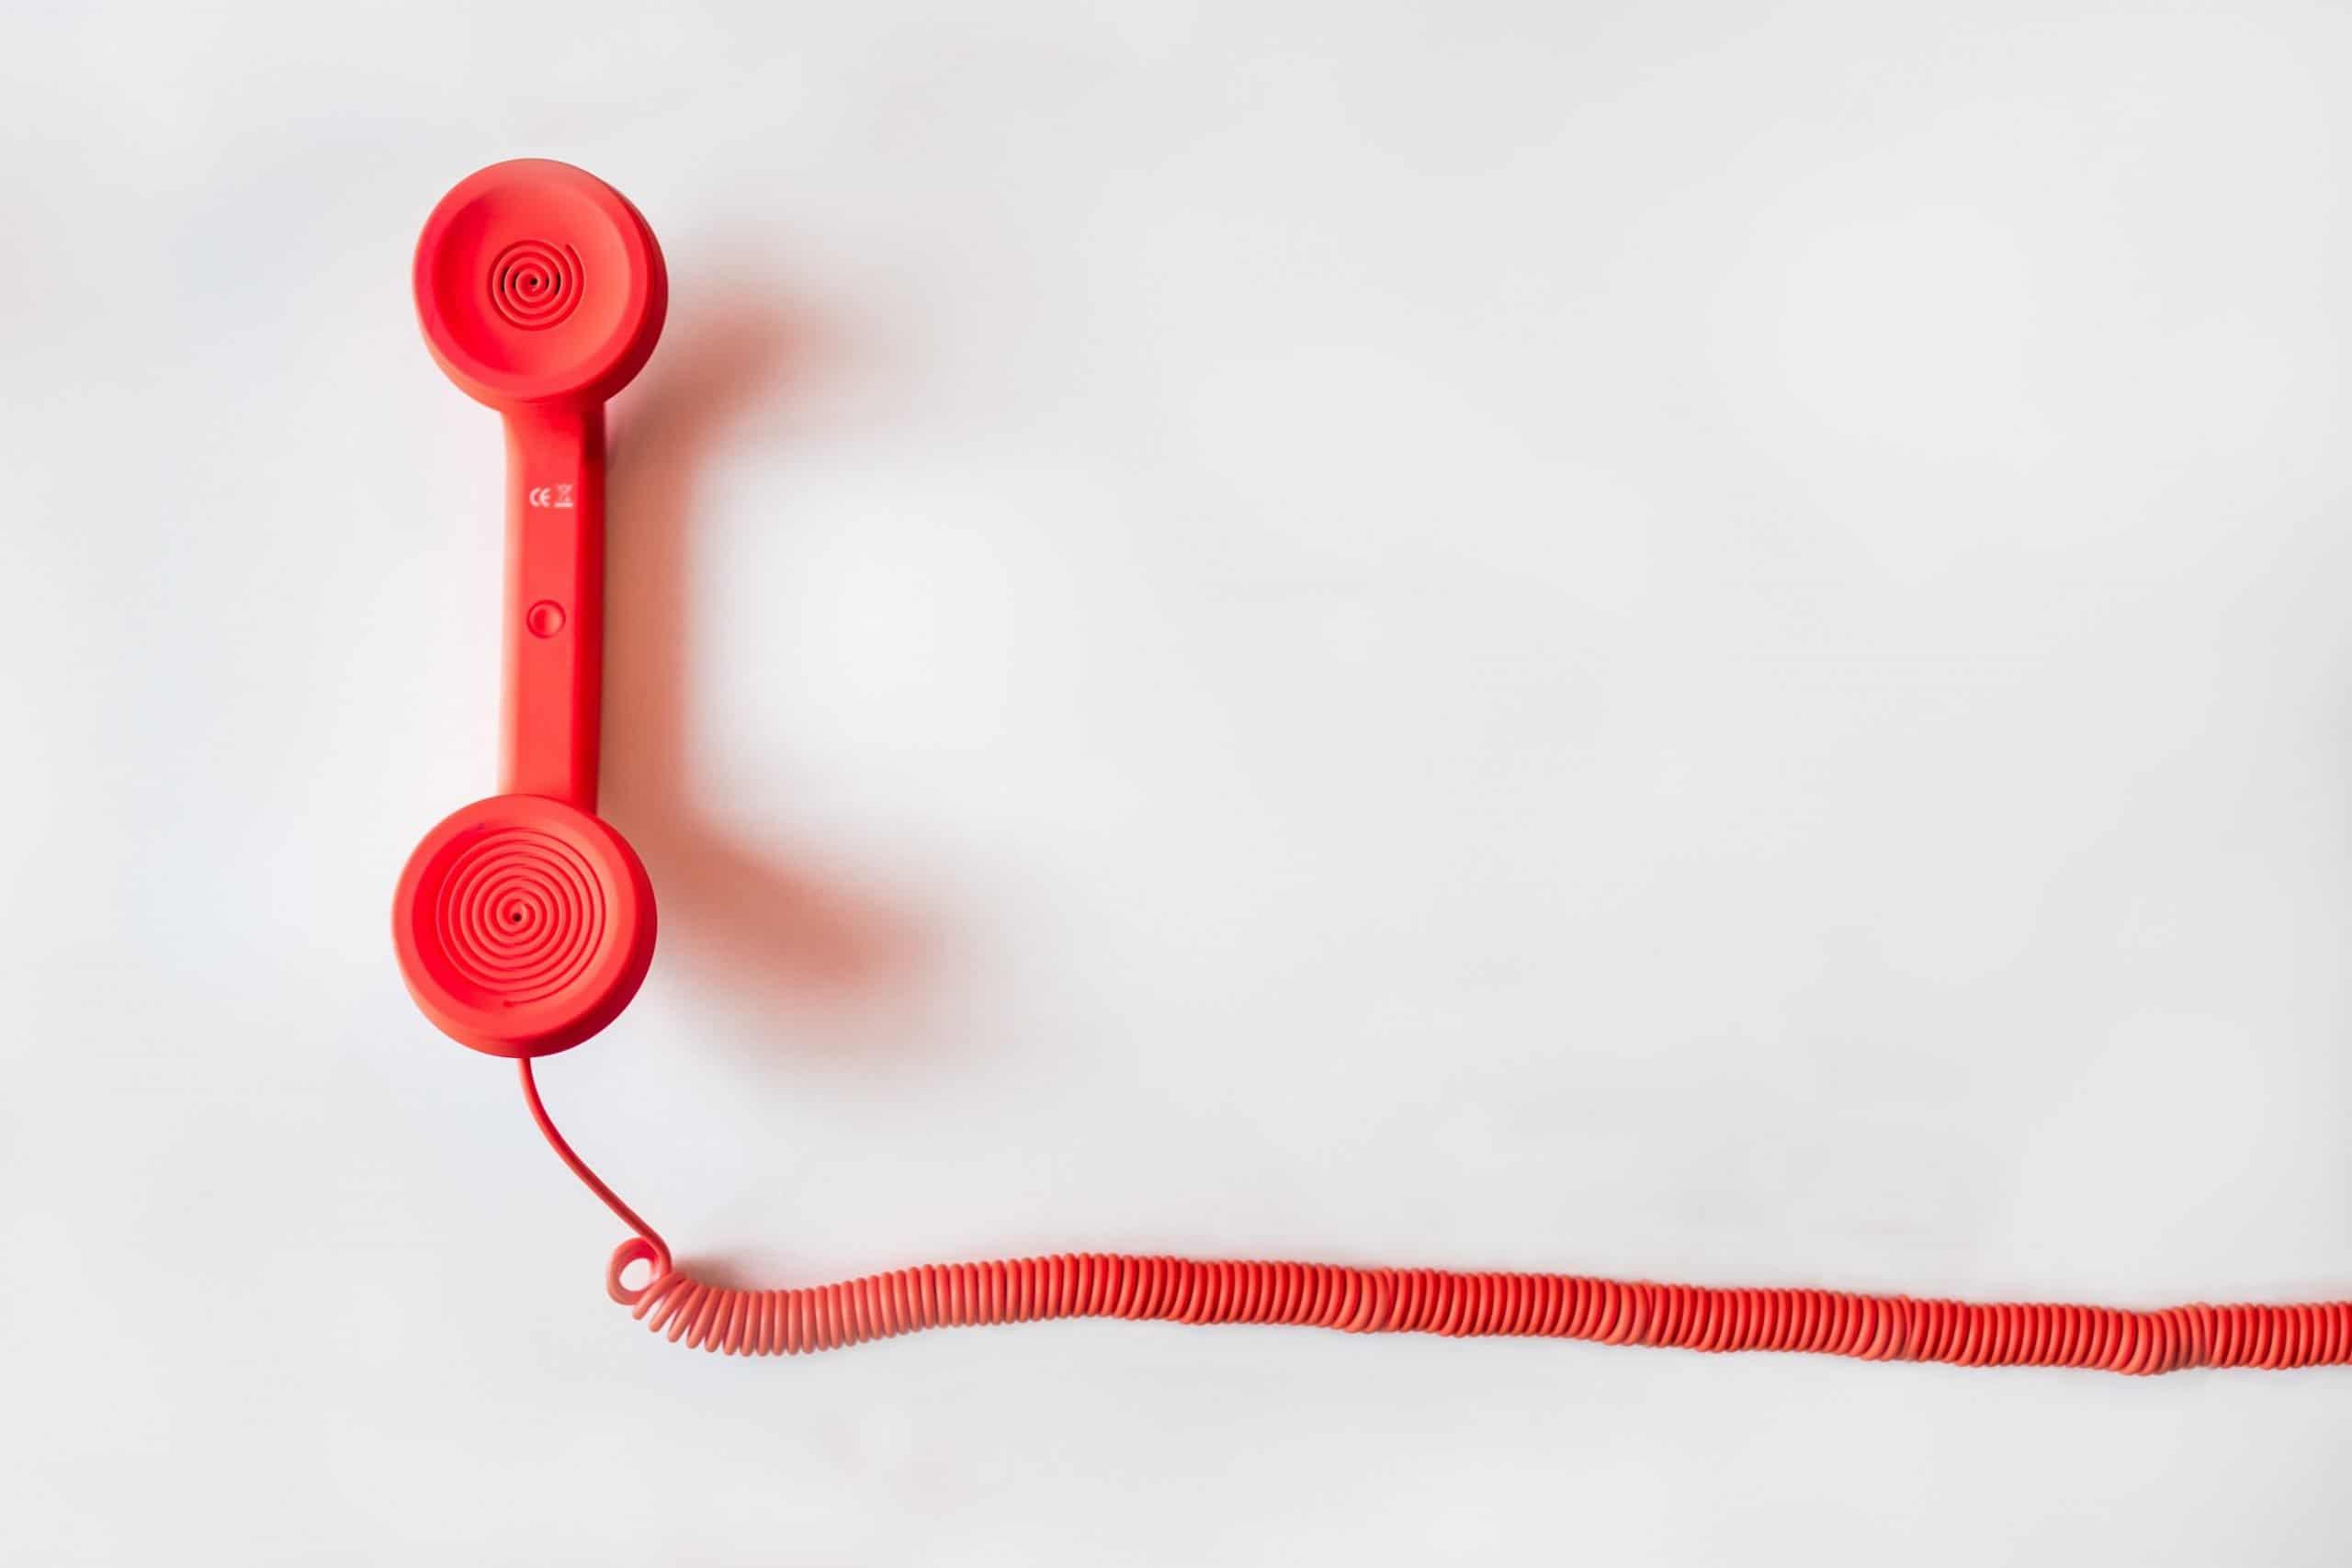 python api call red phone